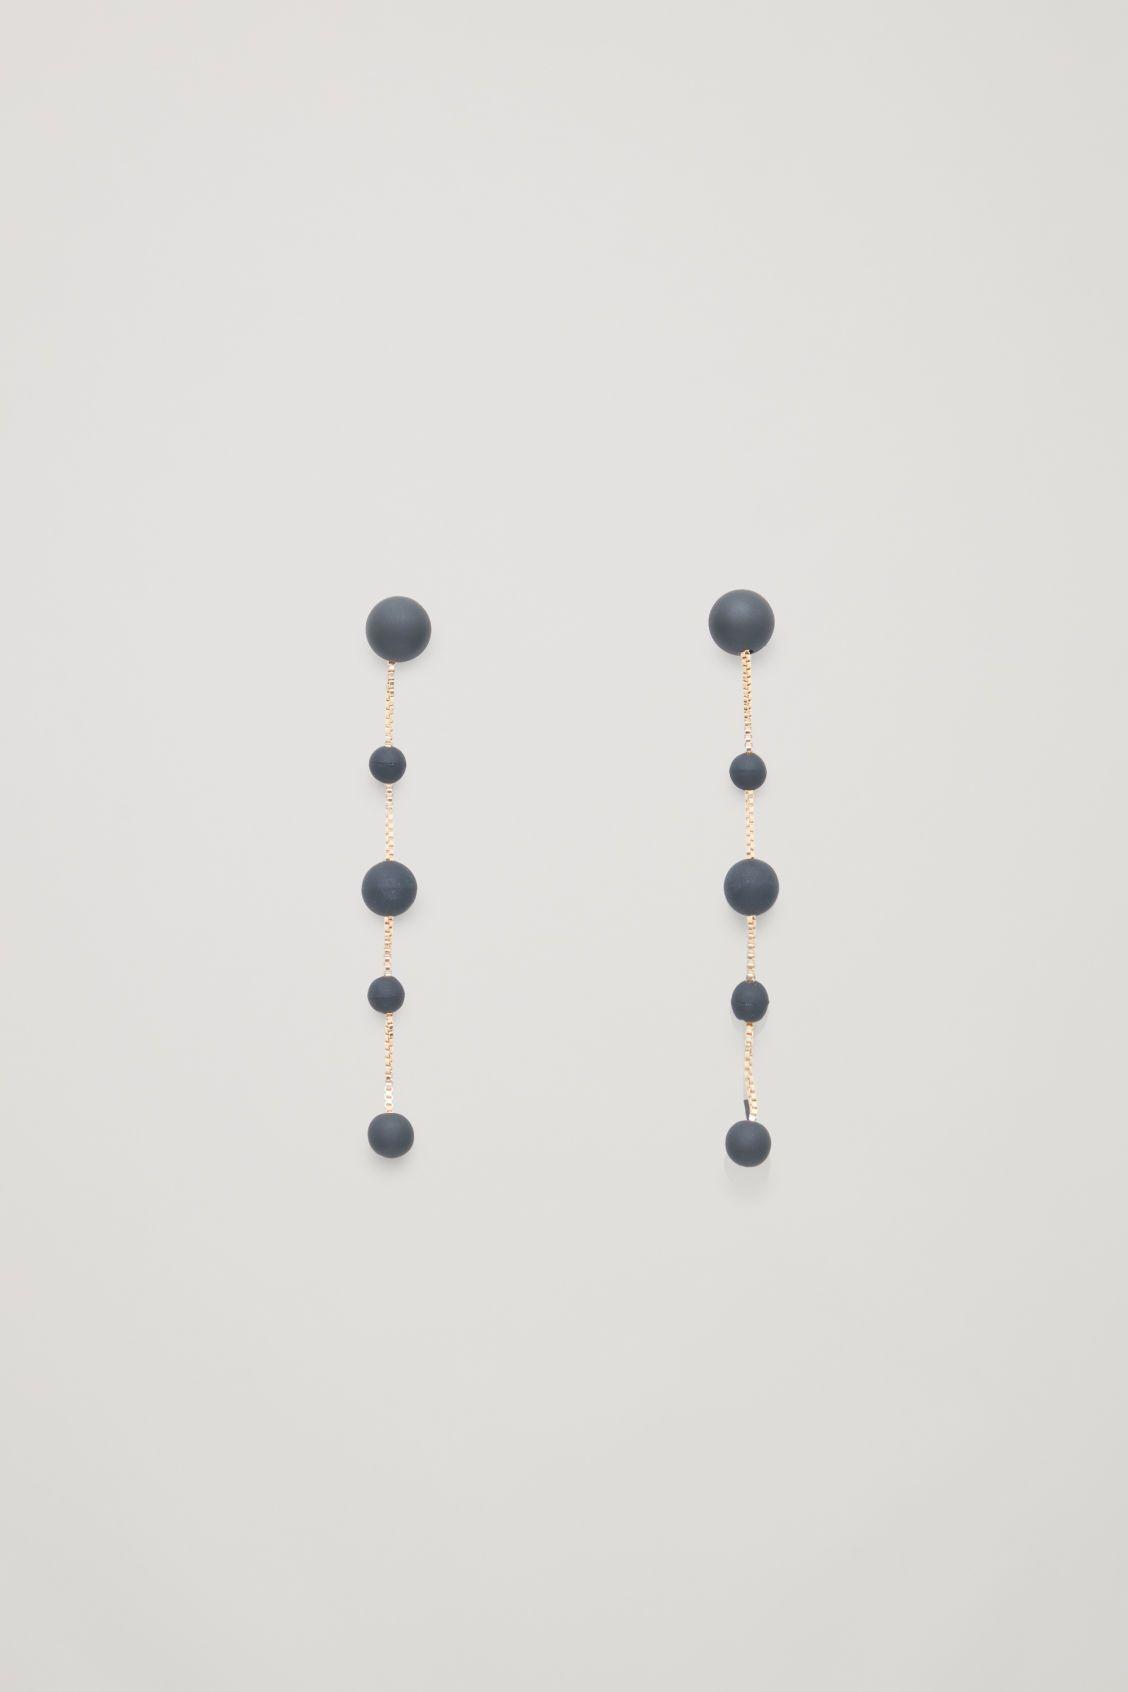 prezzo all'ingrosso sempre popolare eccezionale gamma di stili Front image of Cos beaded chain earrings in gold | accessory